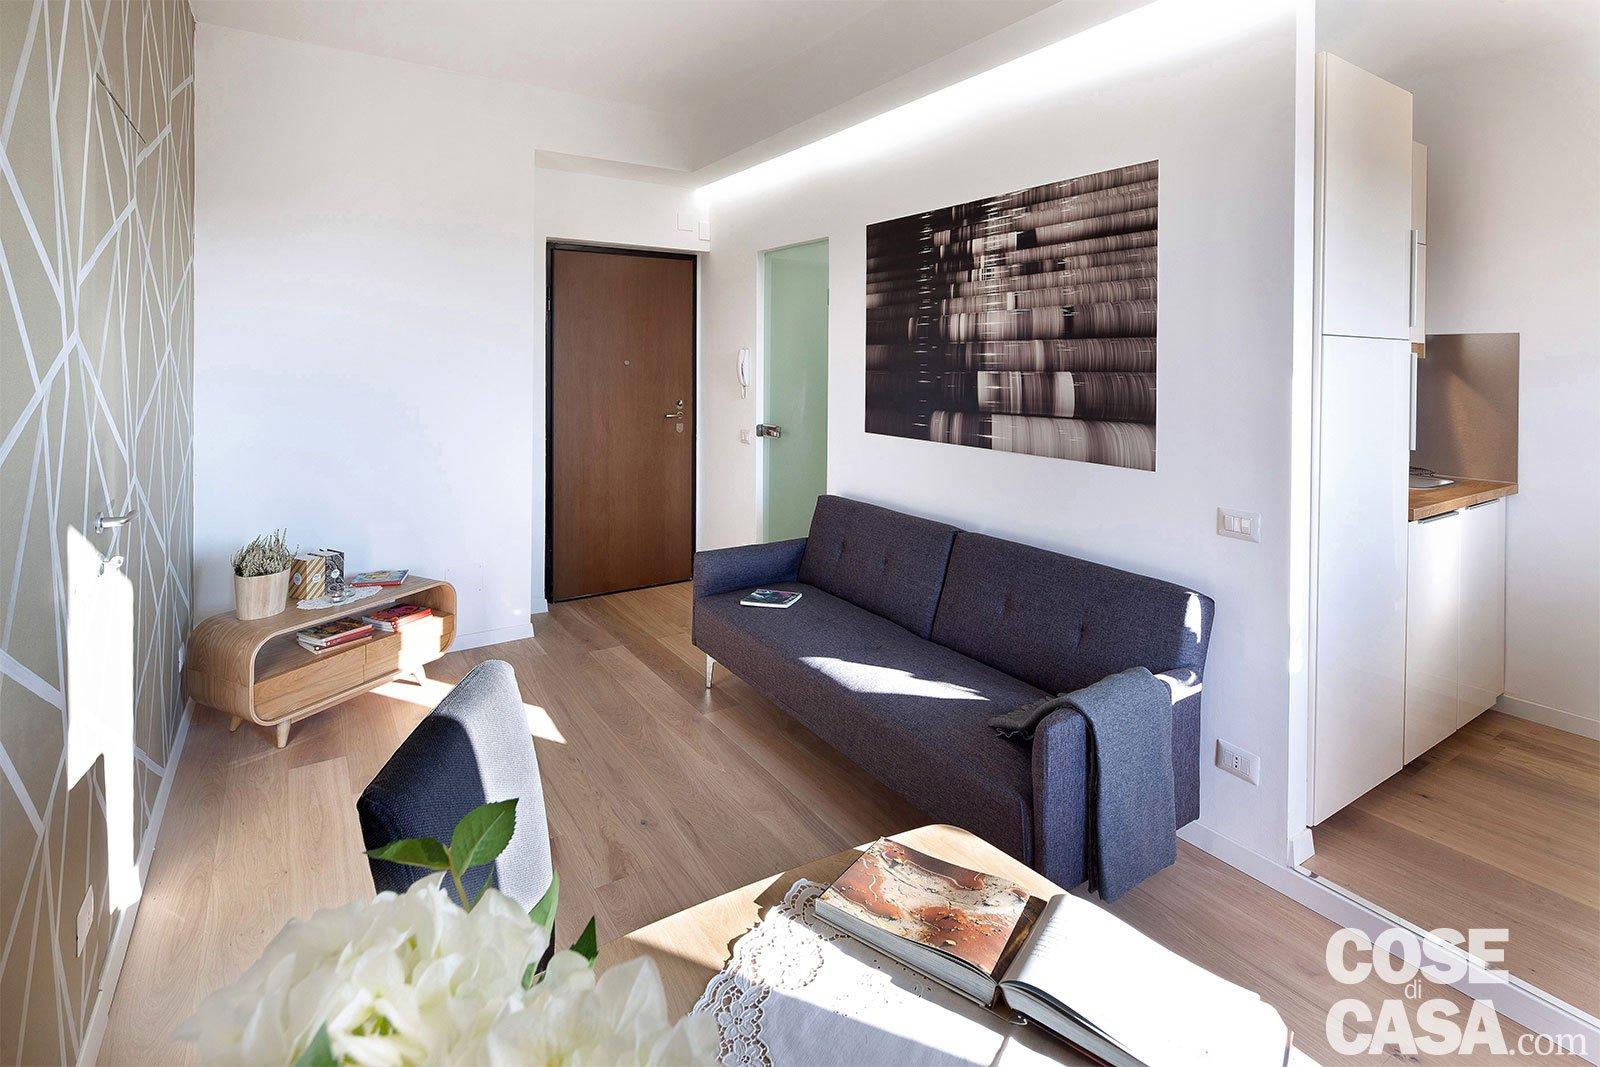 Bilocale di 40 mq casa mini comfort maxi cose di casa - Foto di soggiorni ...